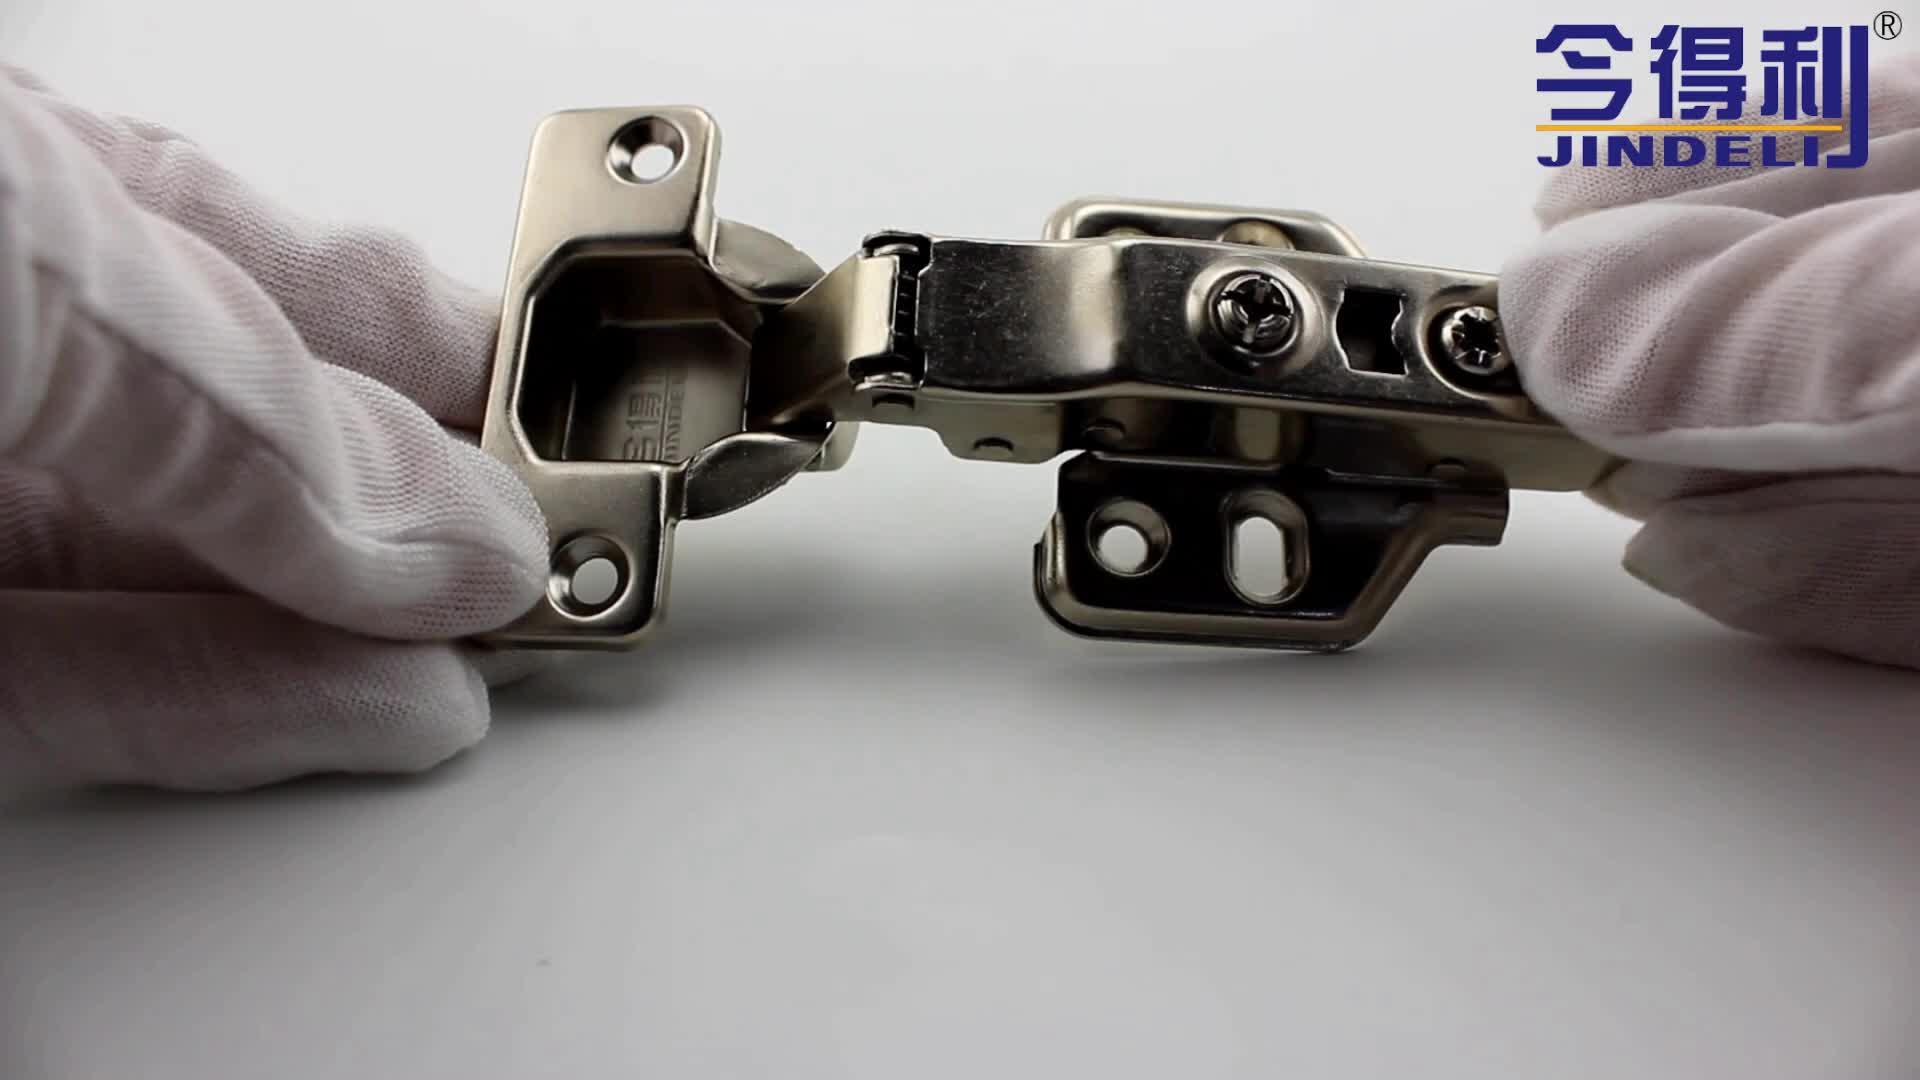 35mm Nội Thất Phần Cứng Tủ Sắt Gấp Có Thể Điều Chỉnh Van Điều Tiết Bản Lề